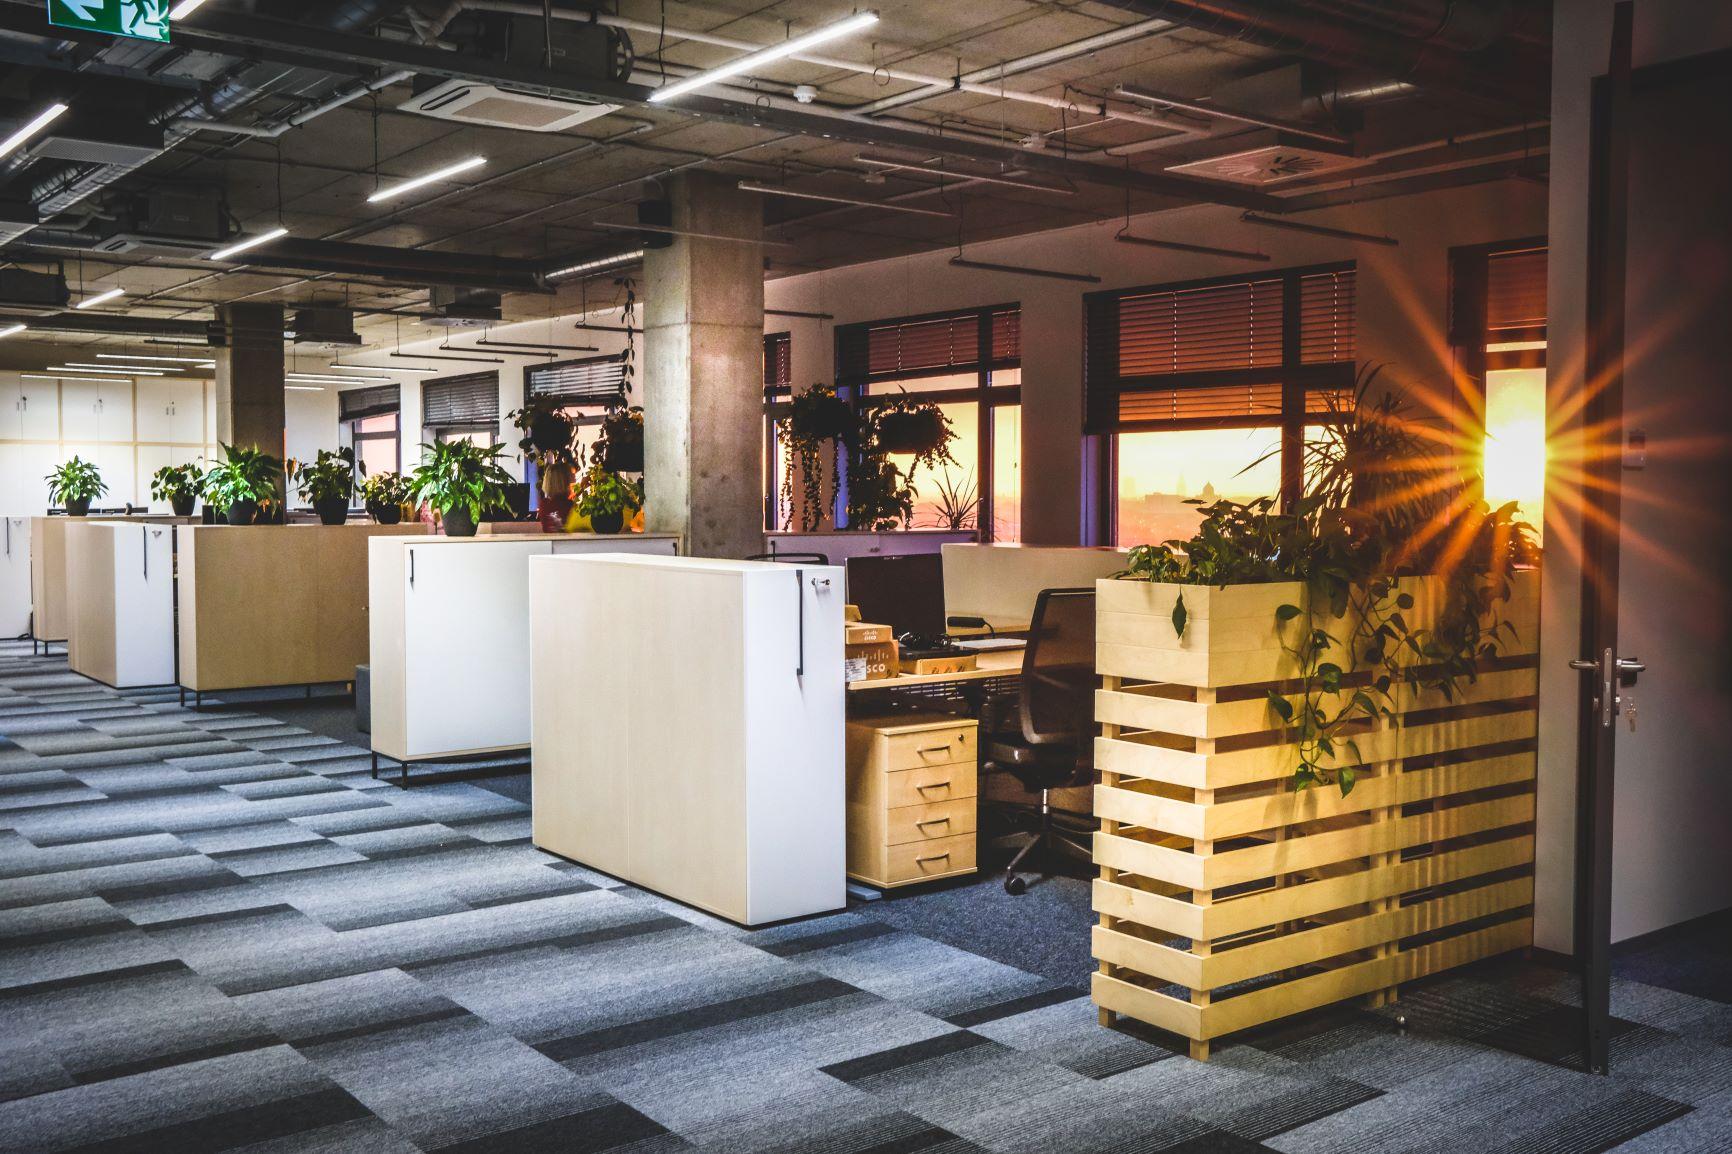 Tetra Pak birojs Jaunajā Teikā